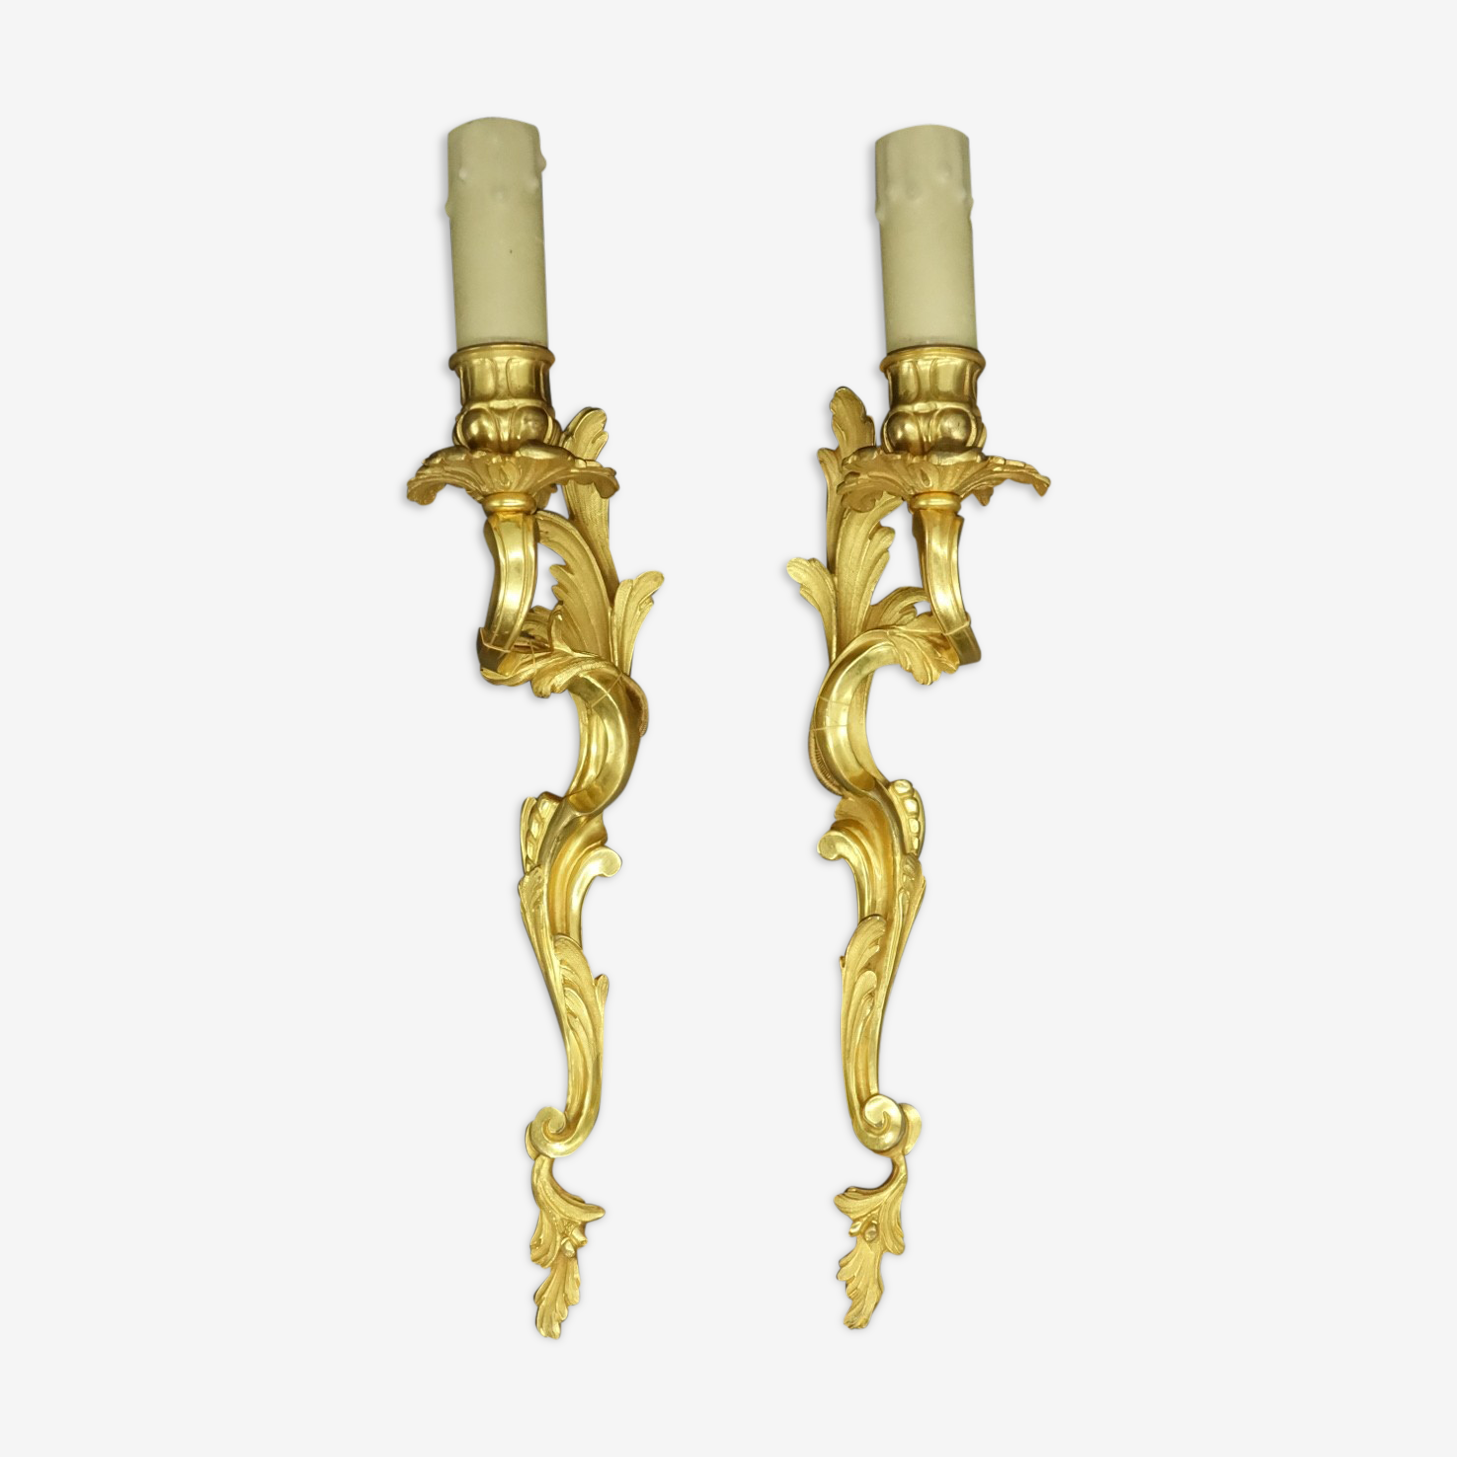 Paire d'appliques style Louis XV du XIXe